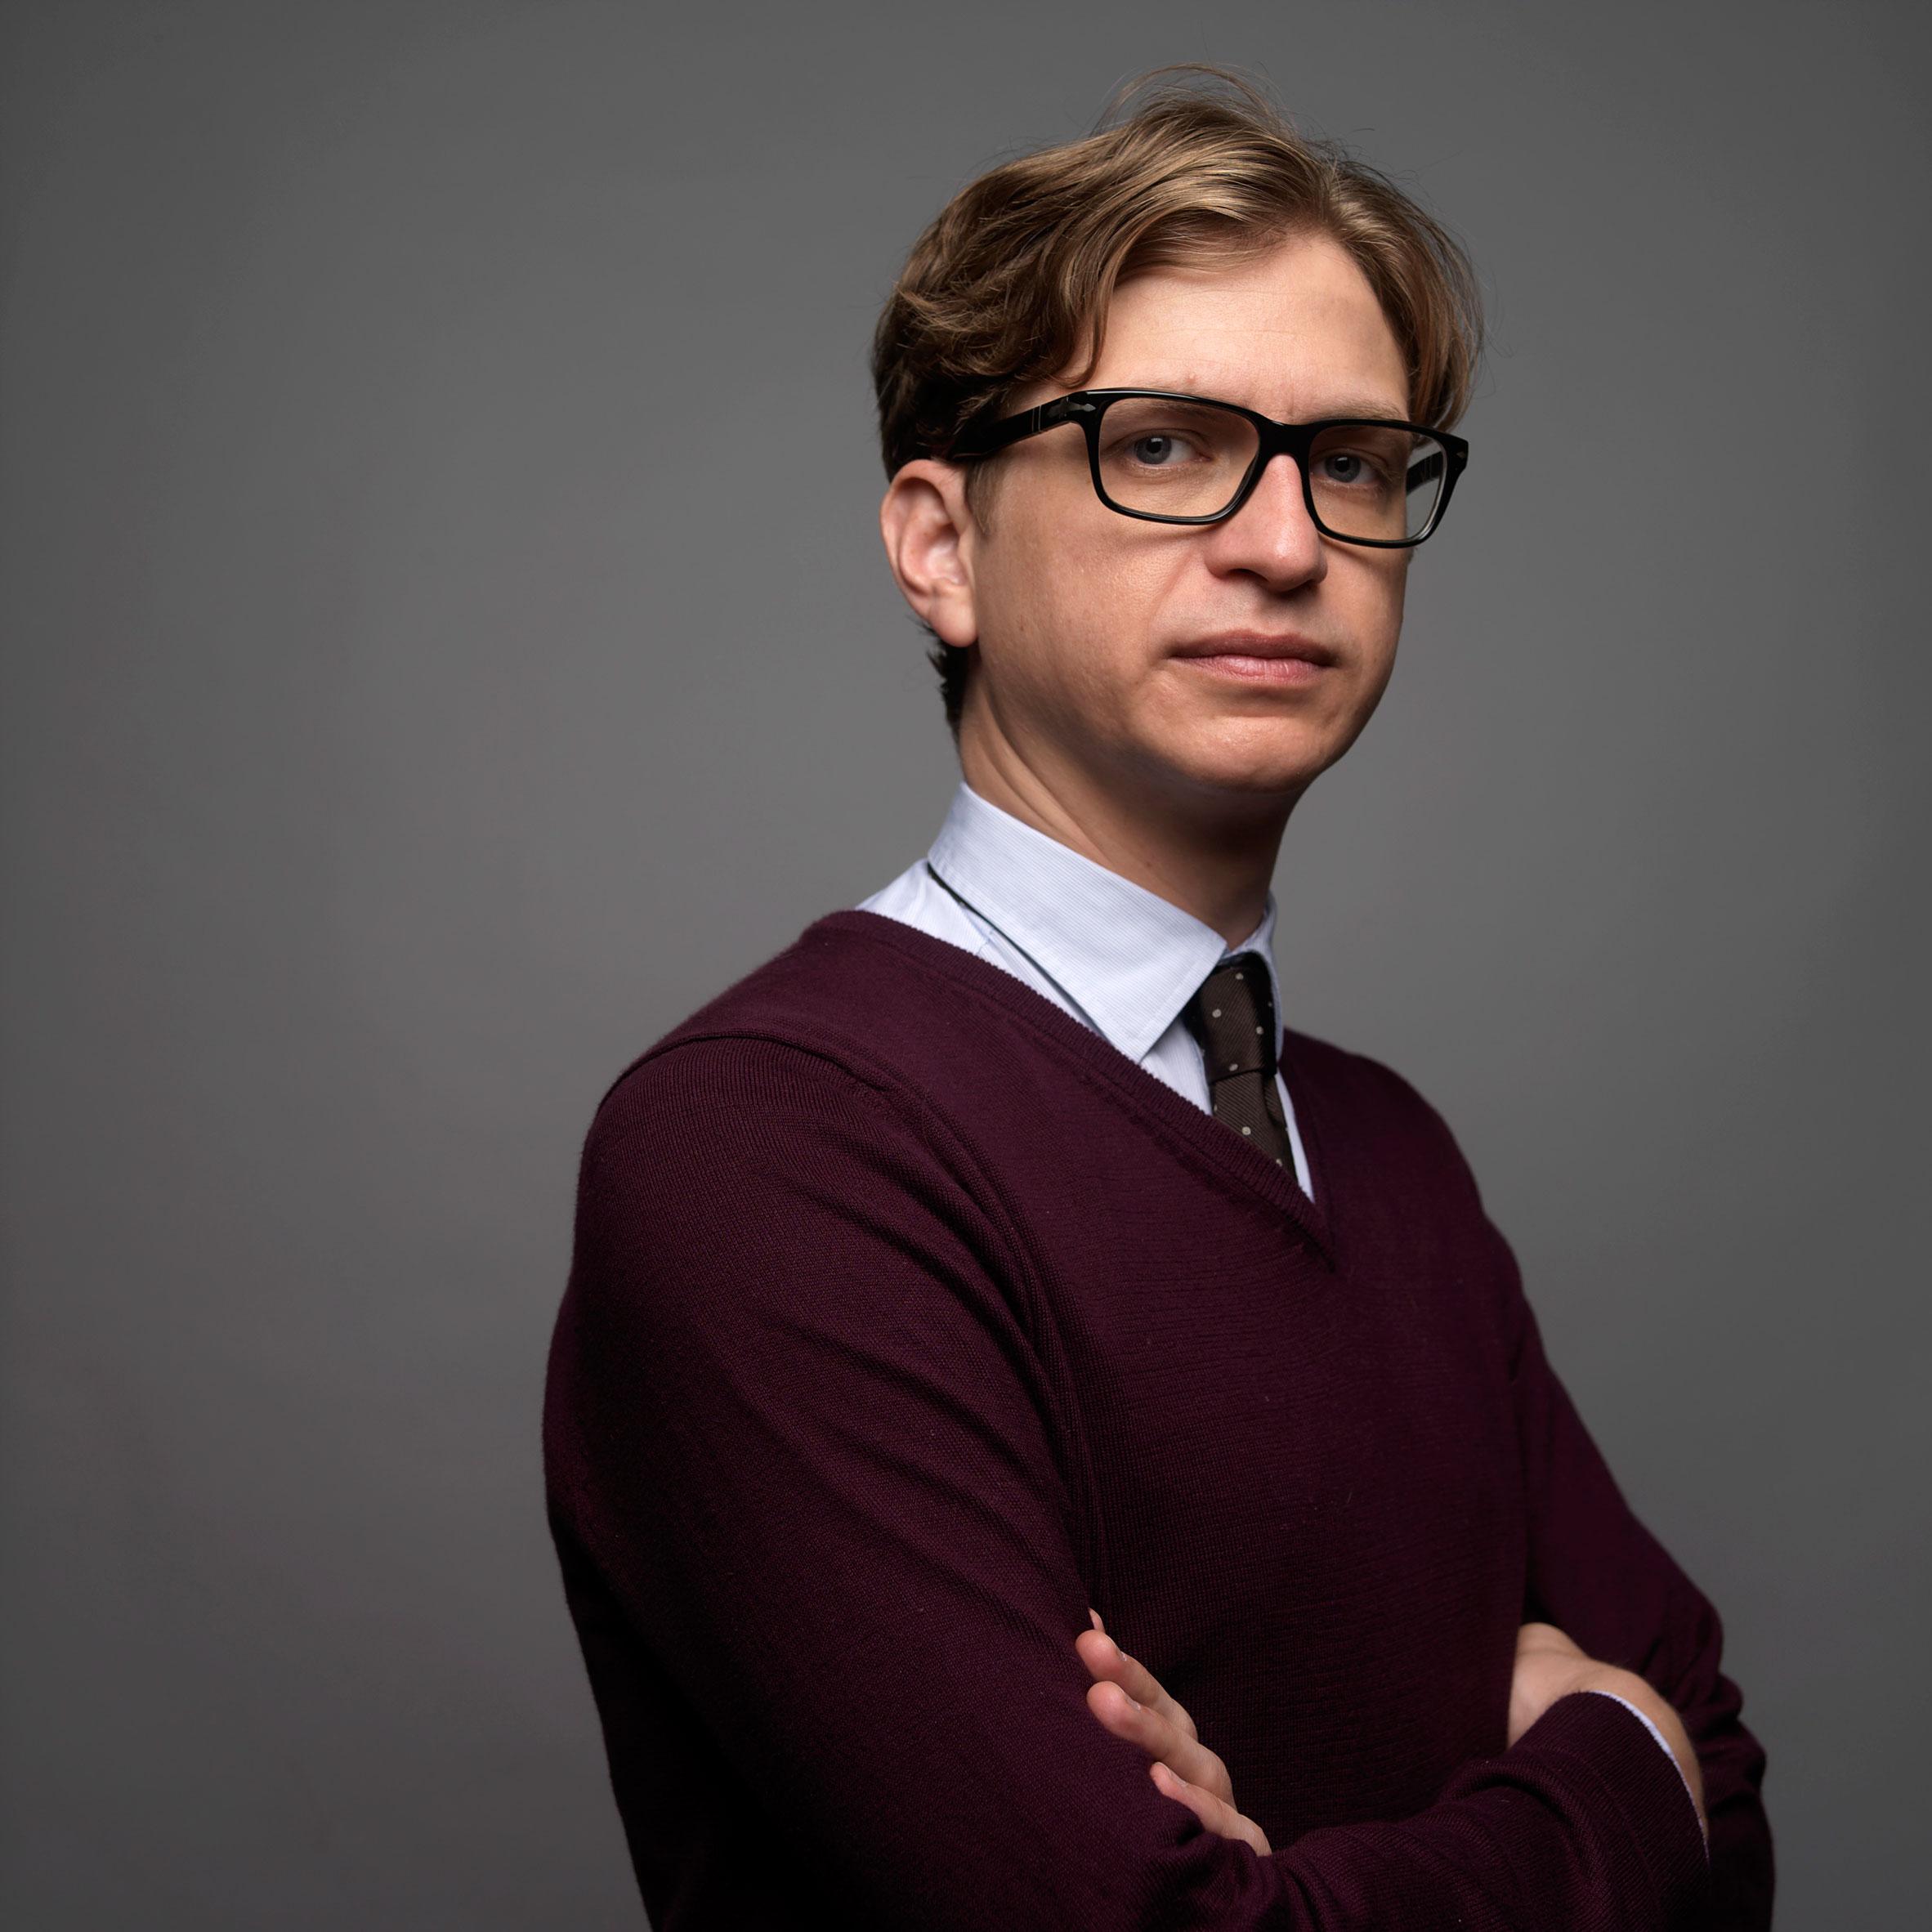 Kieran Long, new director at ArkDes